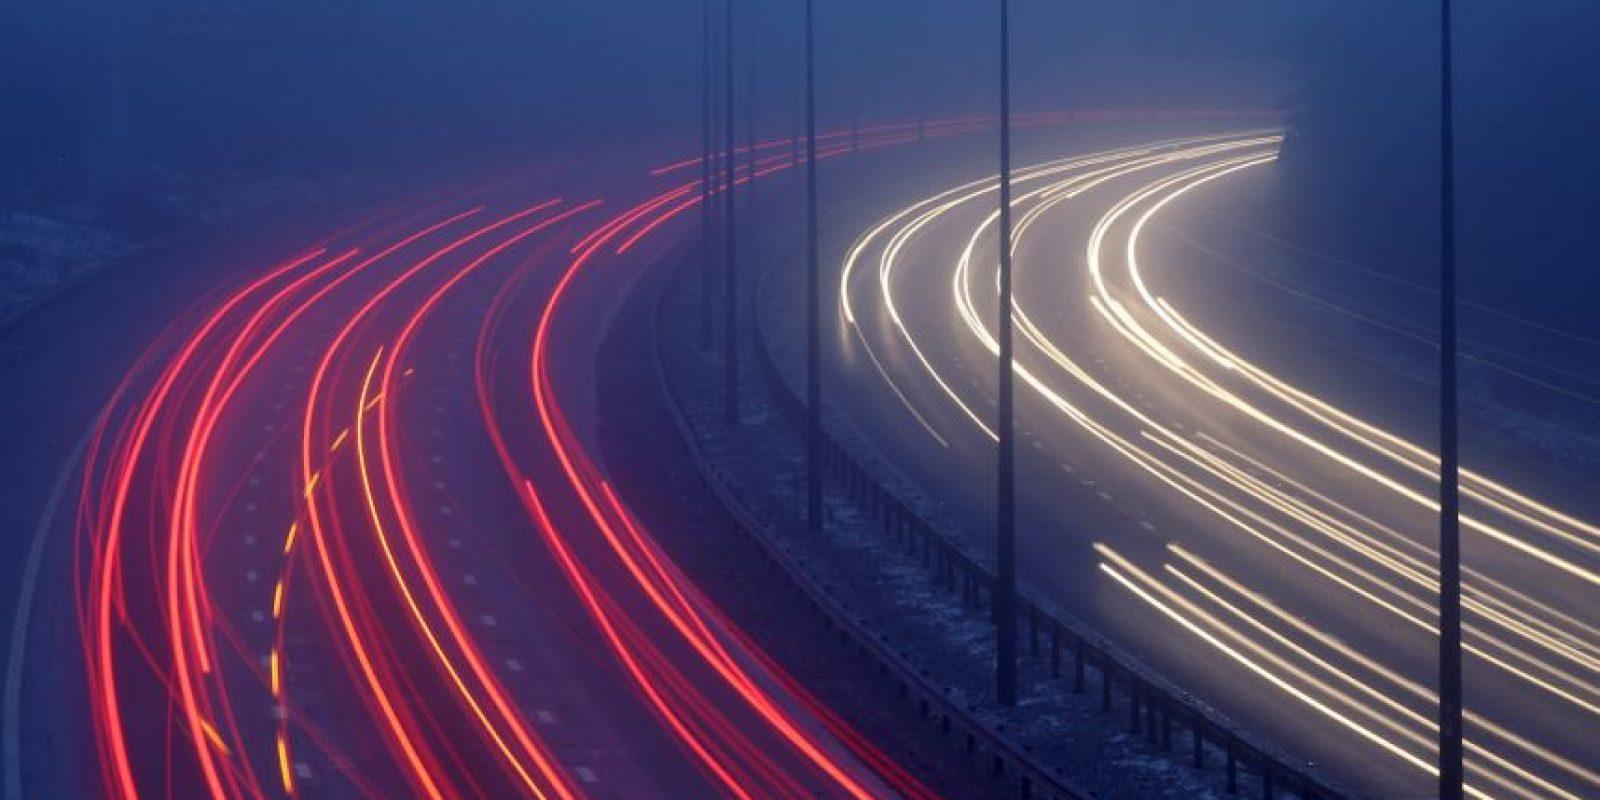 Realice un mantenimiento periódico del automóvil (frenos, luces, limpiaparabrisas, neumáticos, mecanismos de la dirección, cinturones de seguridad). Foto:Getty Images